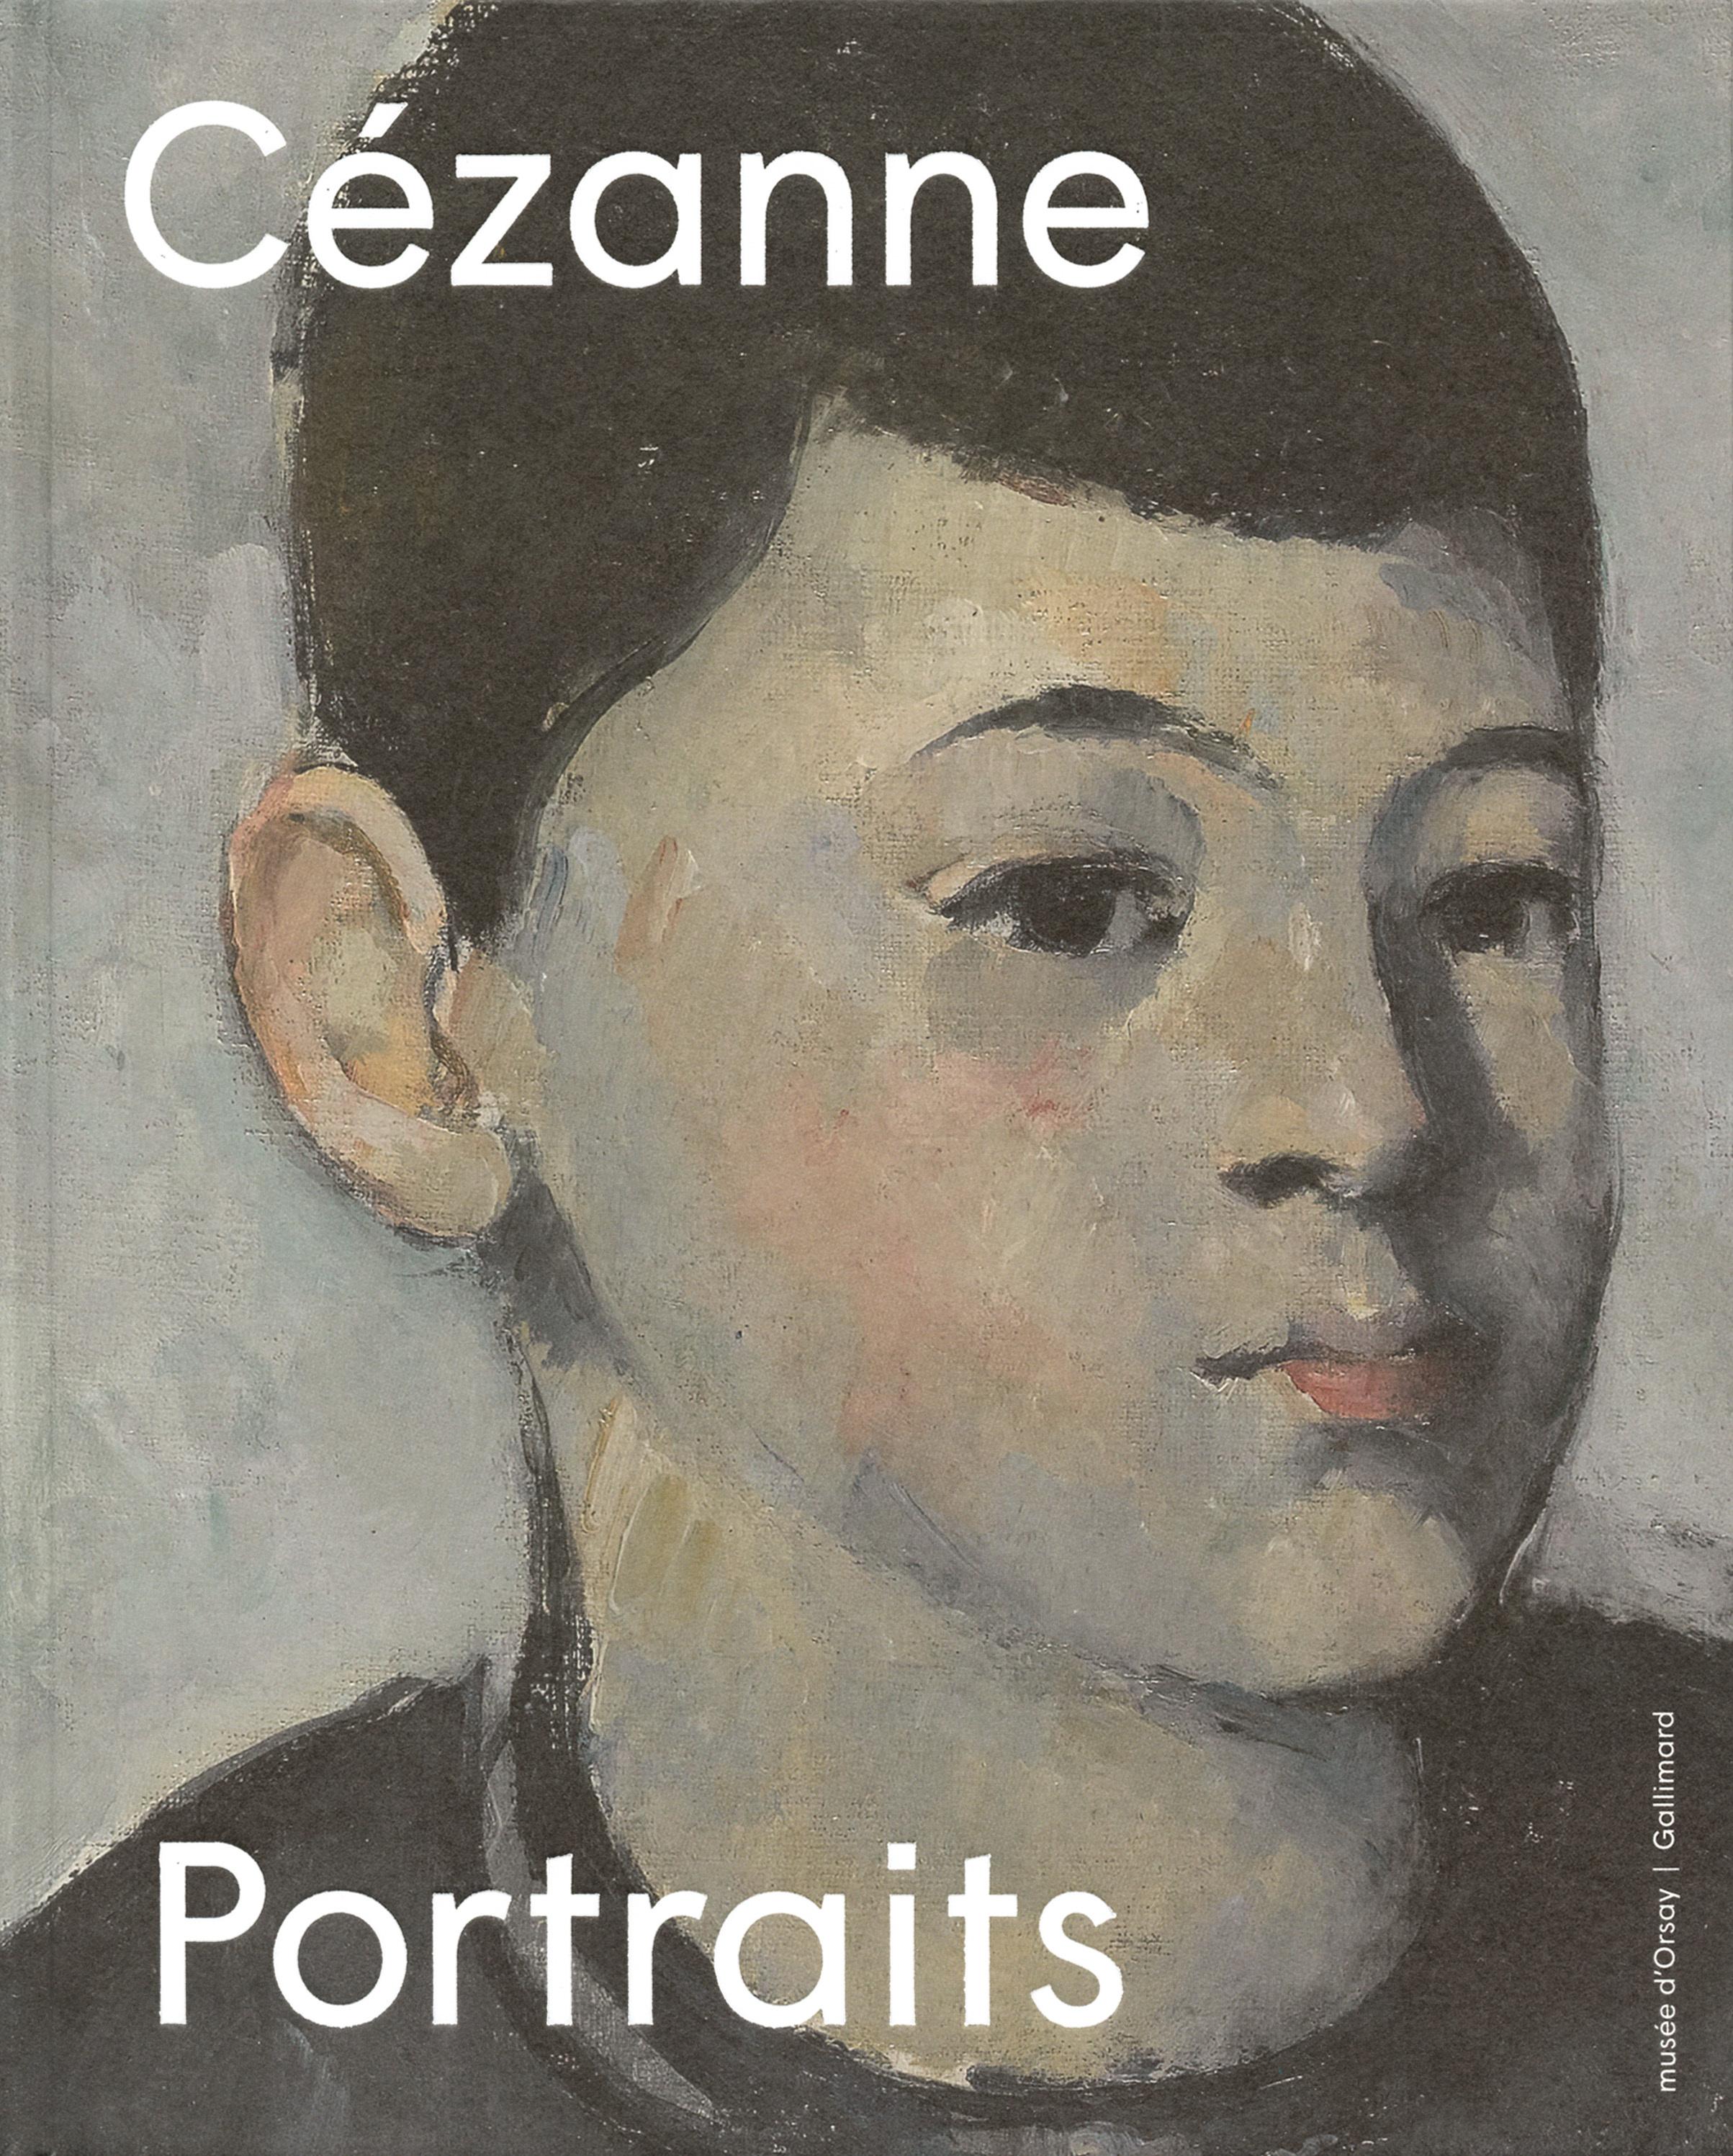 PORTRAITS DE CEZANNE